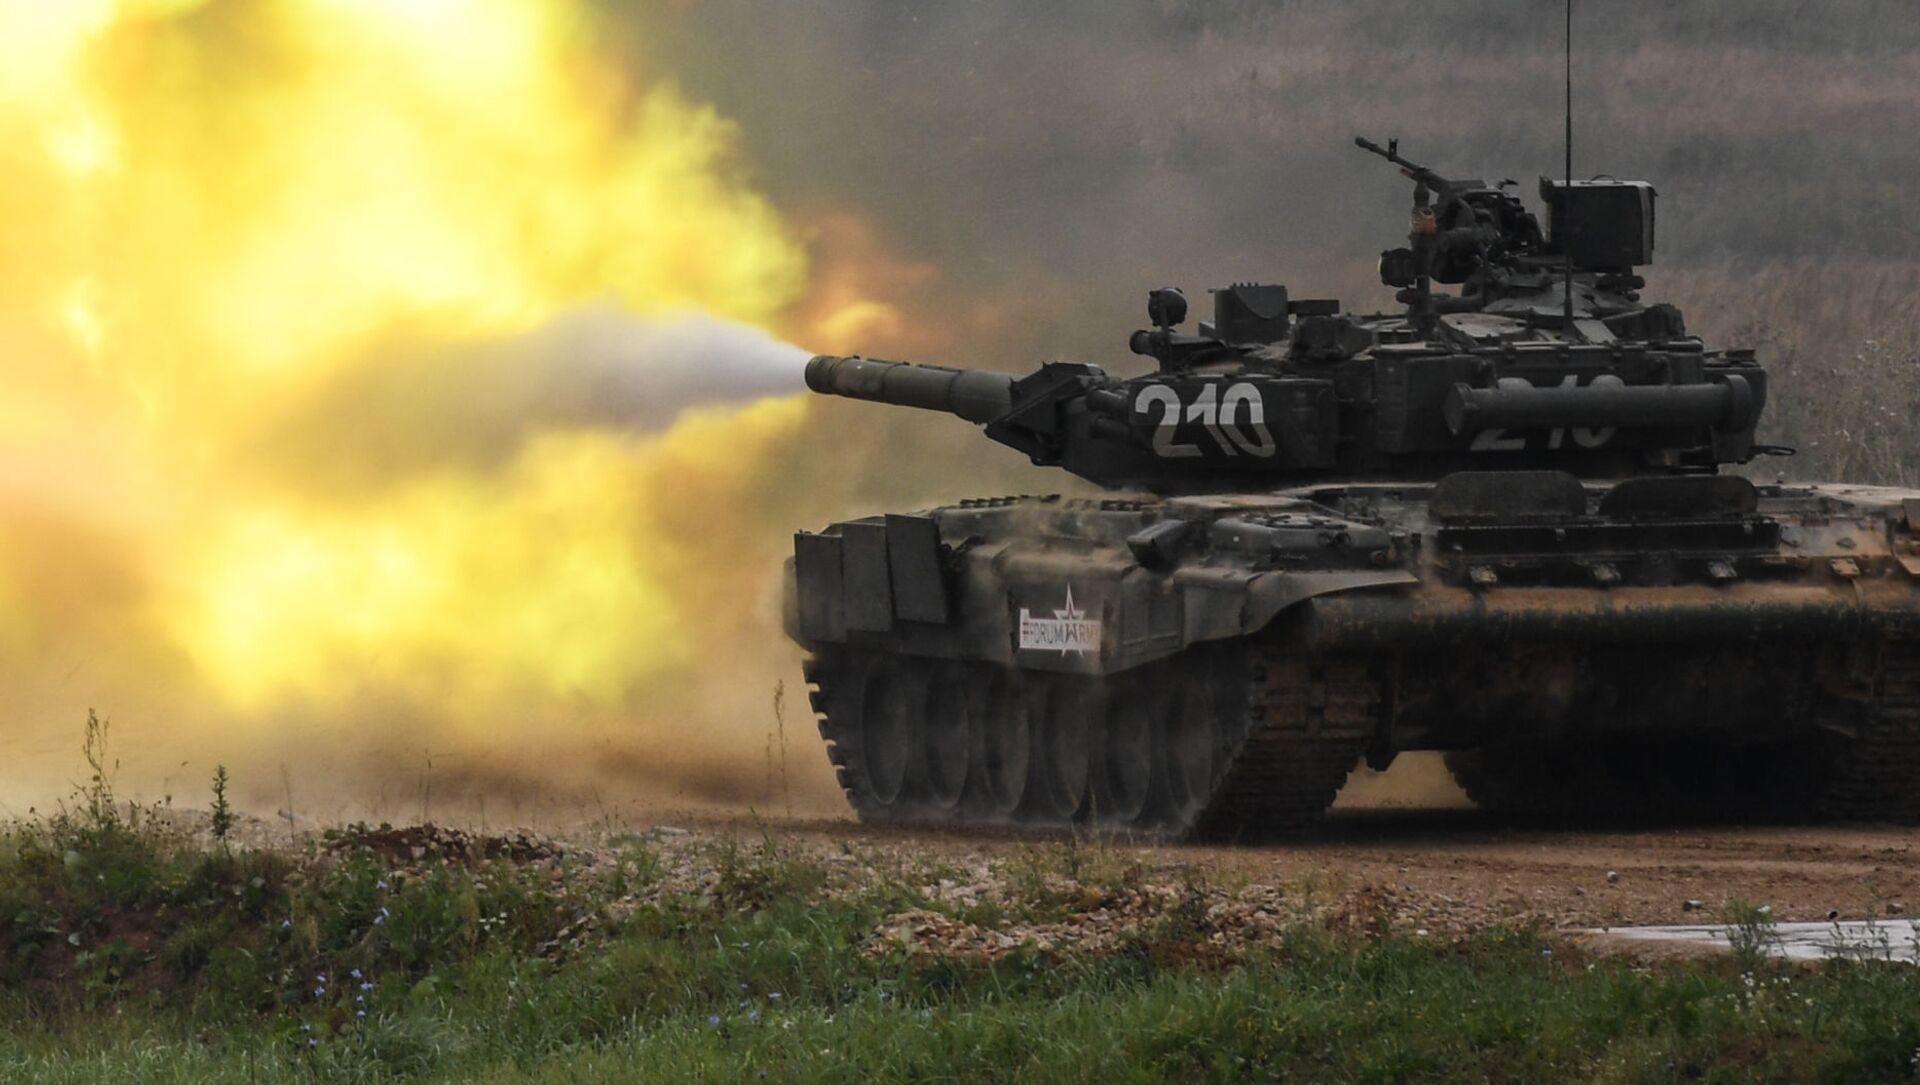 Xe tăng T-90 trong thời gian trình diễn thuộc khuôn khổ Diễn đàn kỹ thuật-quân sự quốc tế Quân đội-2017. - Sputnik Việt Nam, 1920, 19.03.2021